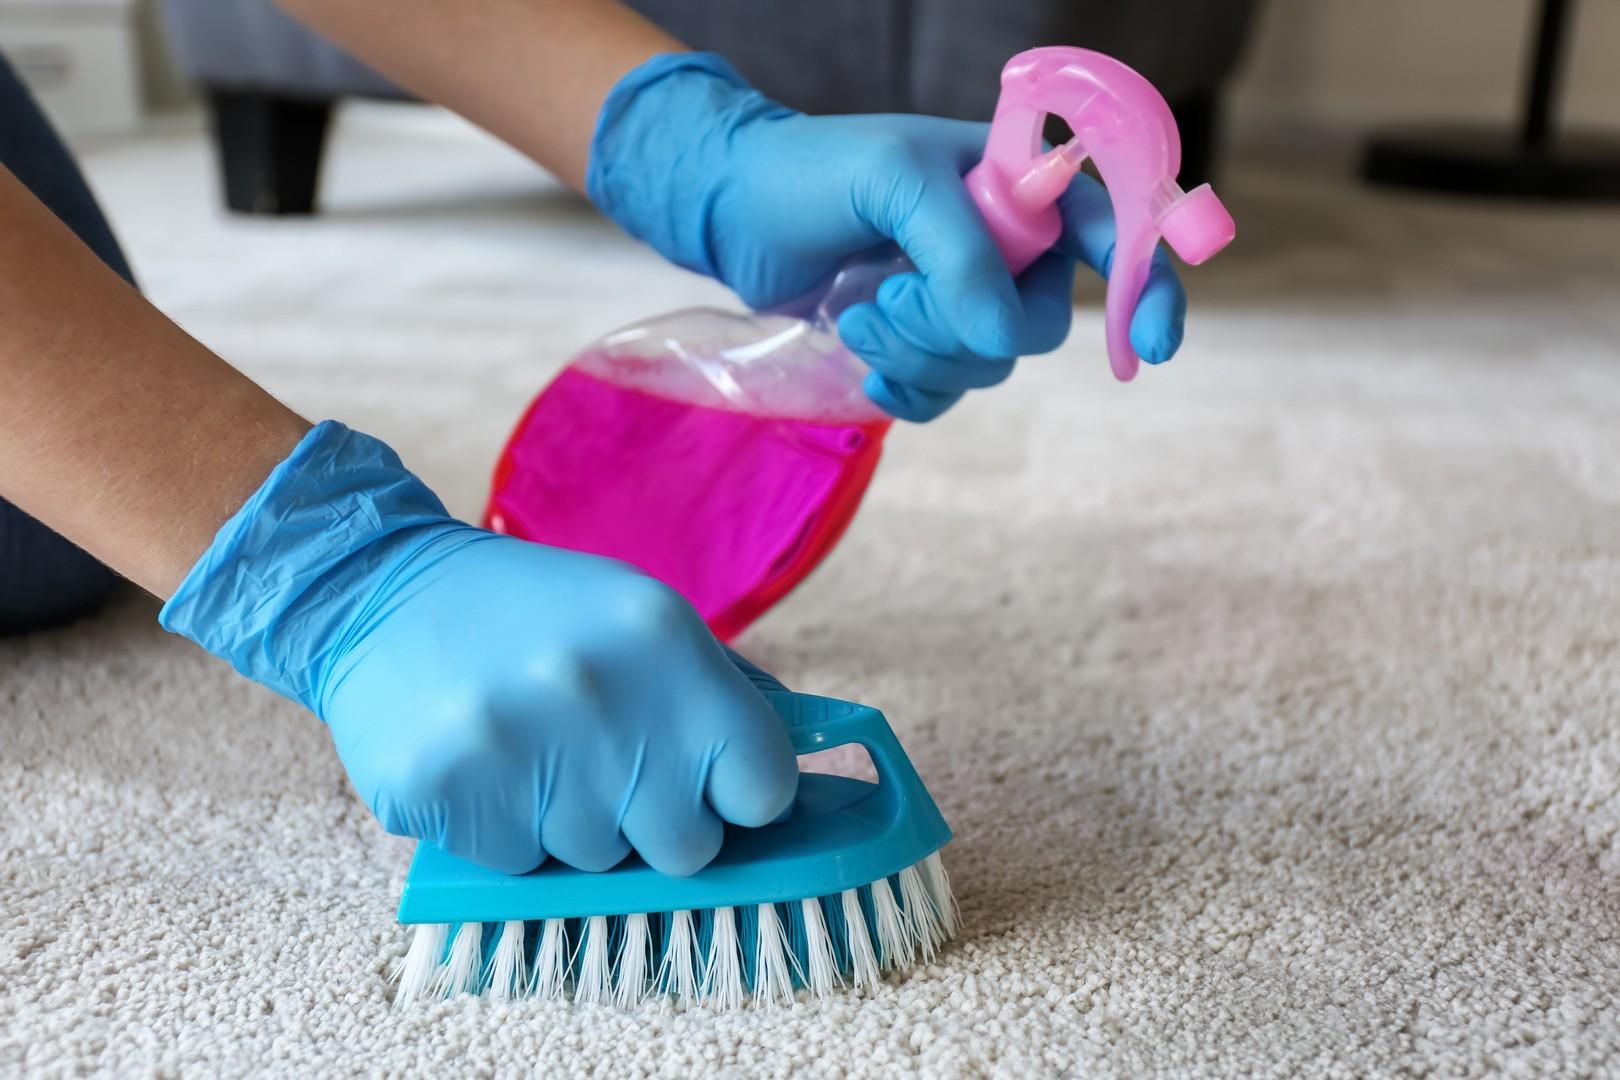 Sposób na wyjątkowo trudne do usunięcia plamy.,Czyszczenie Dywanów za pomocą sody.,Usuwanie atramentu z dywanu,jeśli zawodzą domowe sposoby czyszczenia dywanu?,Domowe Sposoby Na Plamy na Dywanie